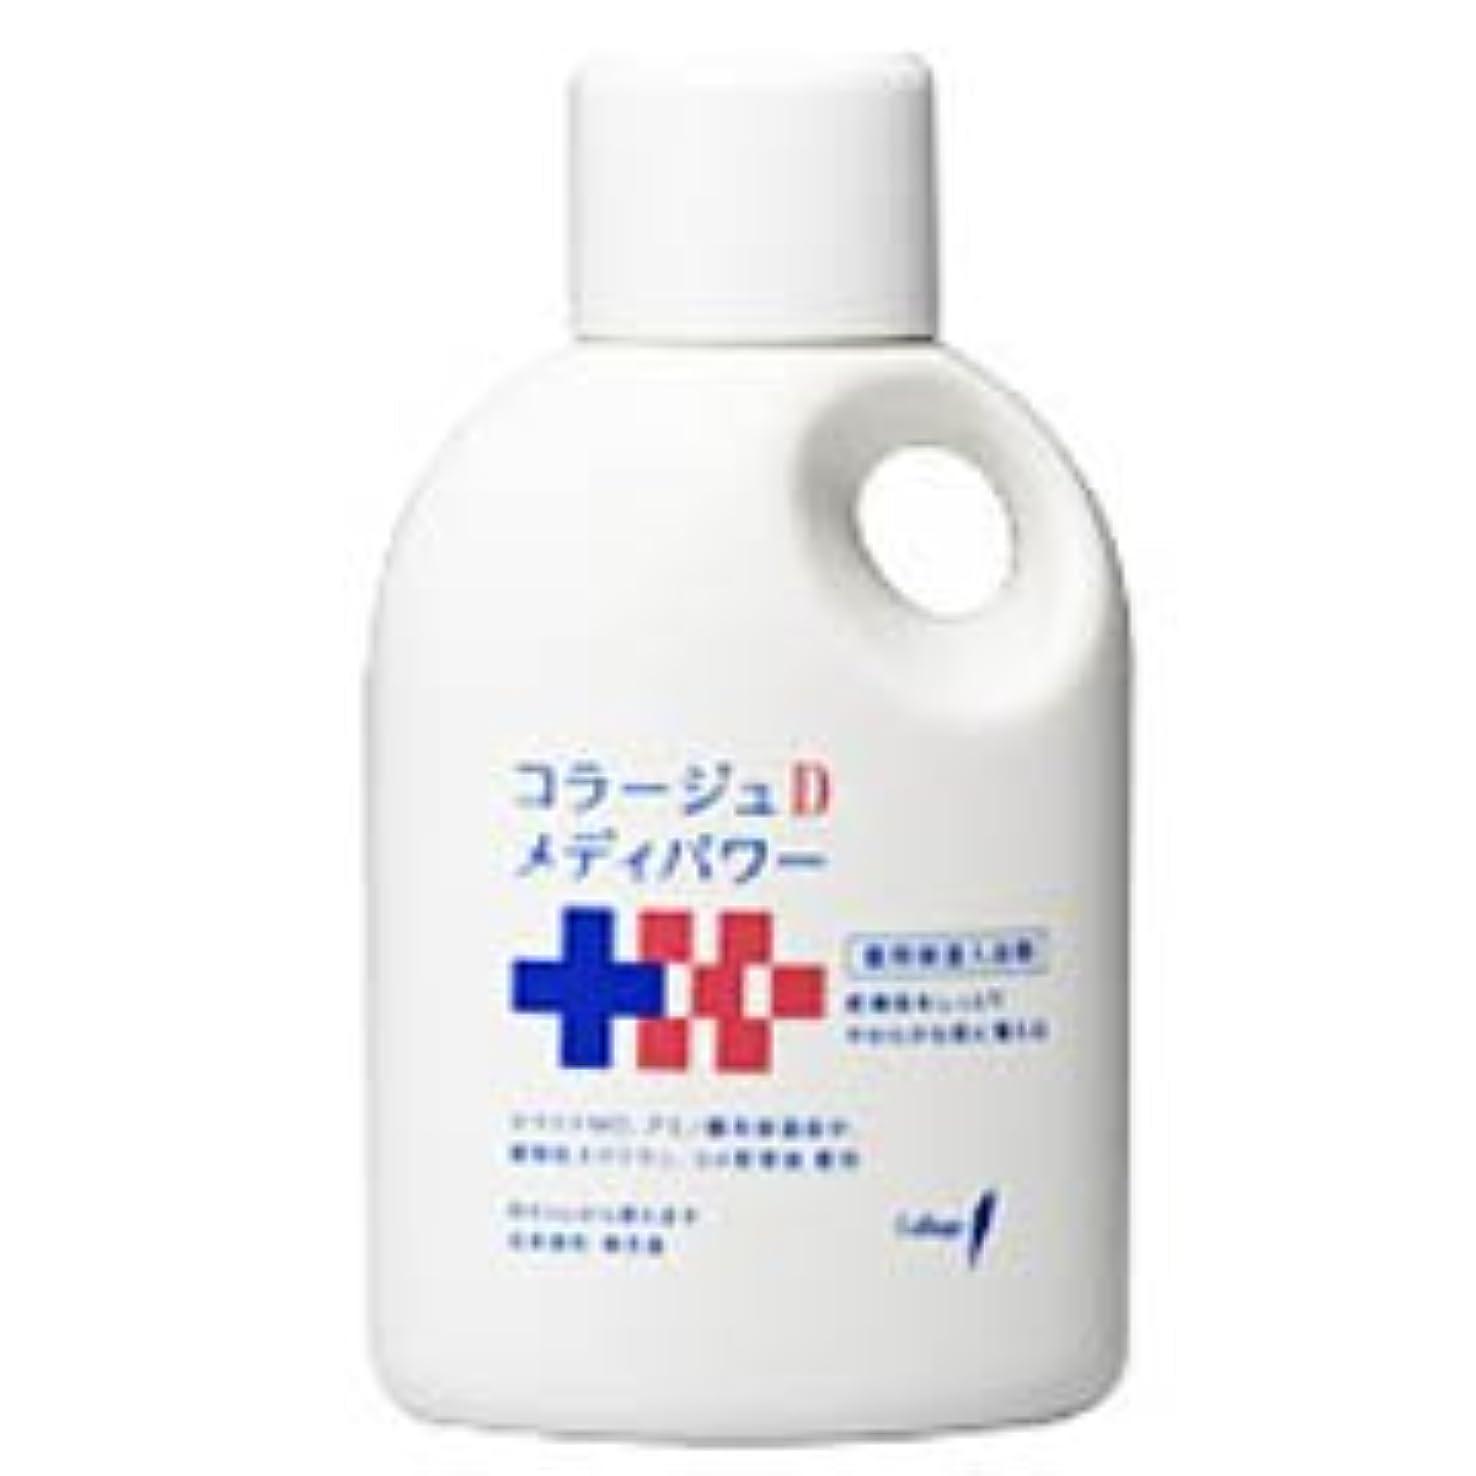 戸口日付衰える【持田ヘルスケア】コラージュD メディパワー 保湿入浴液 500ml